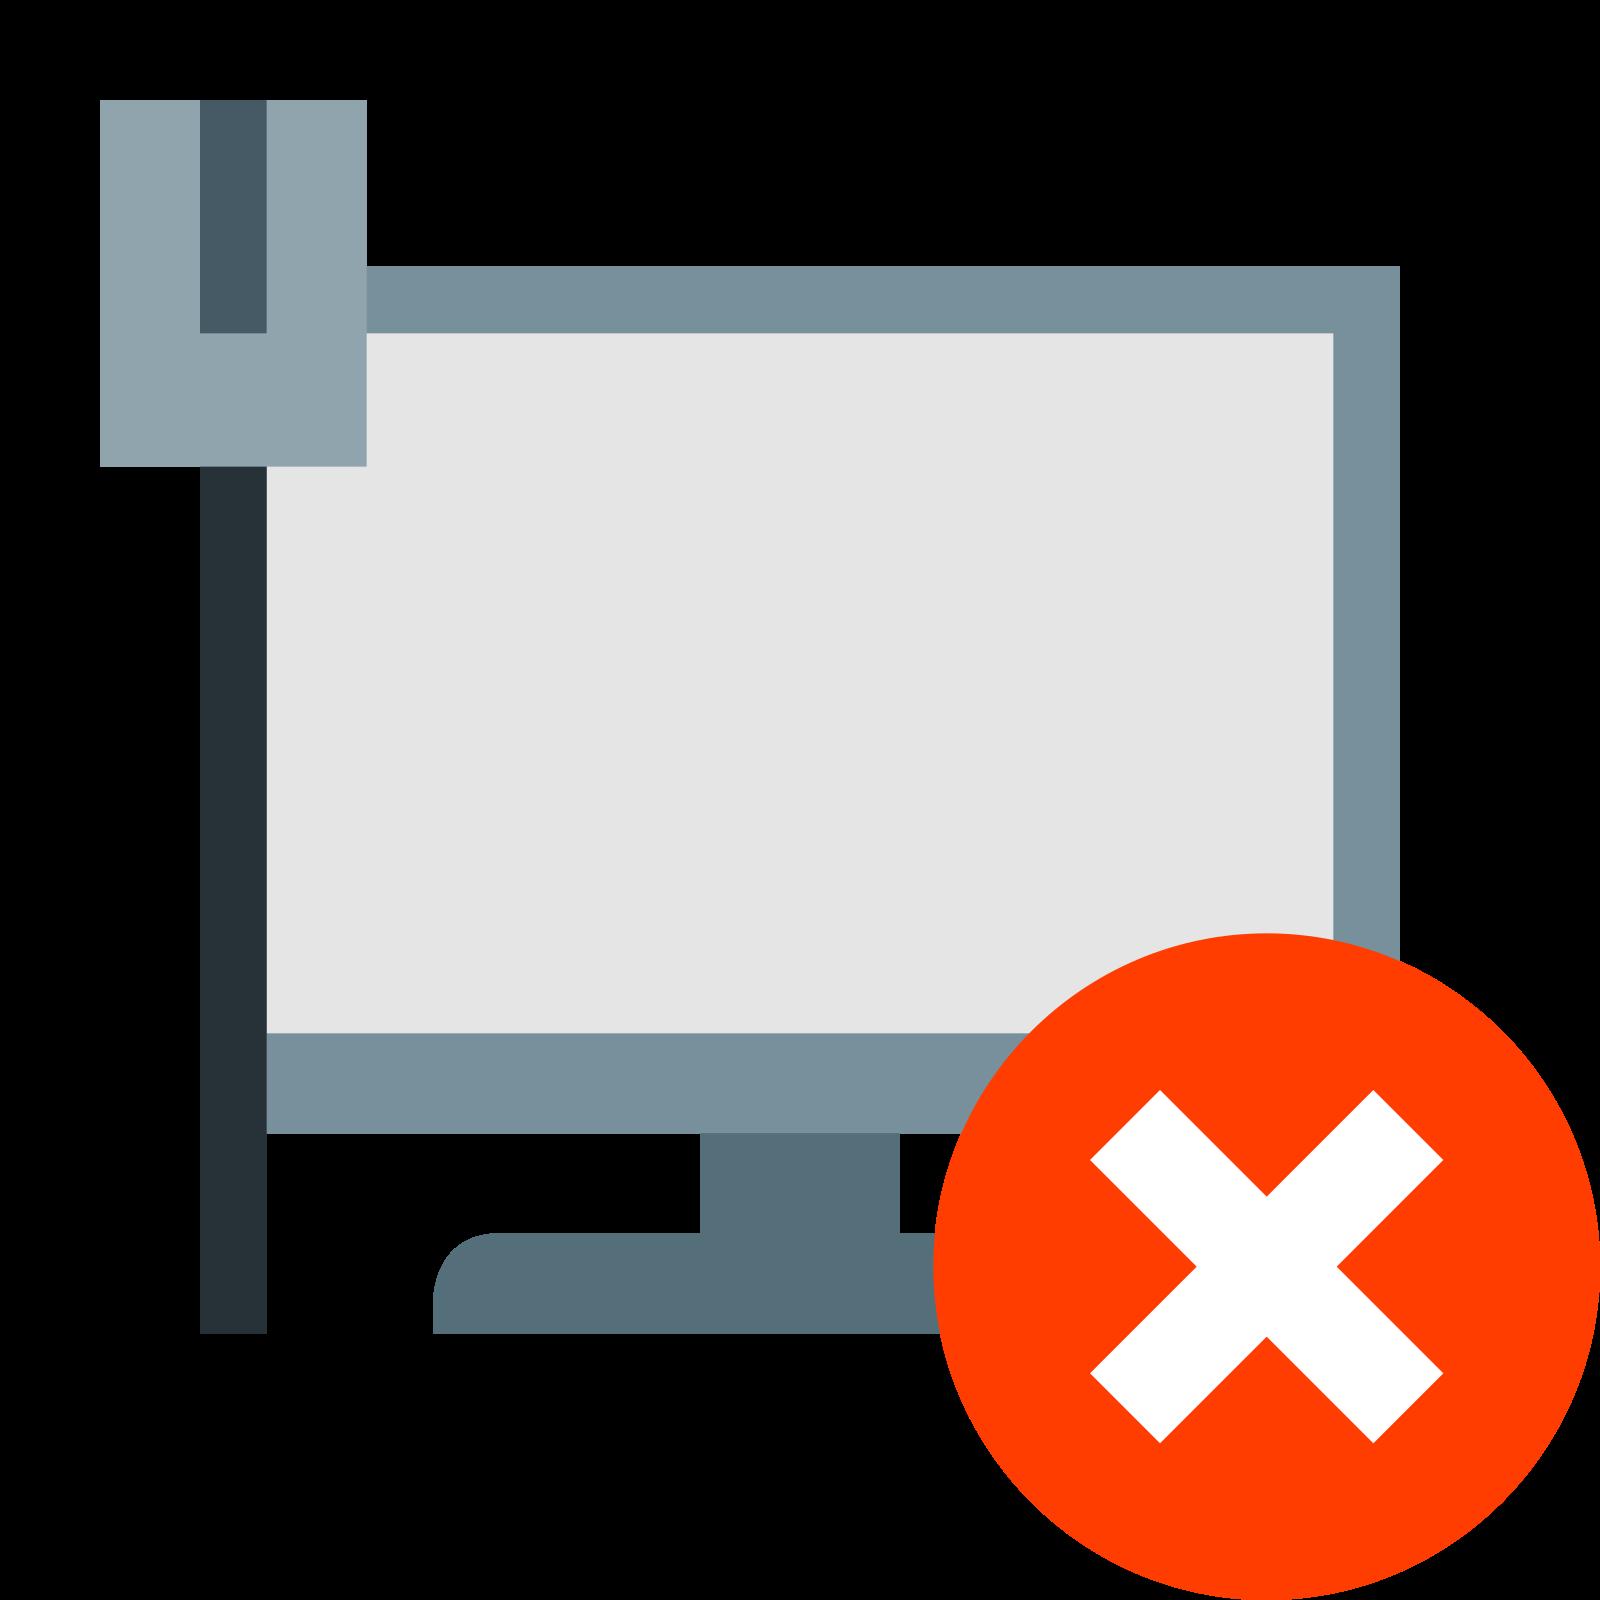 No Network icon